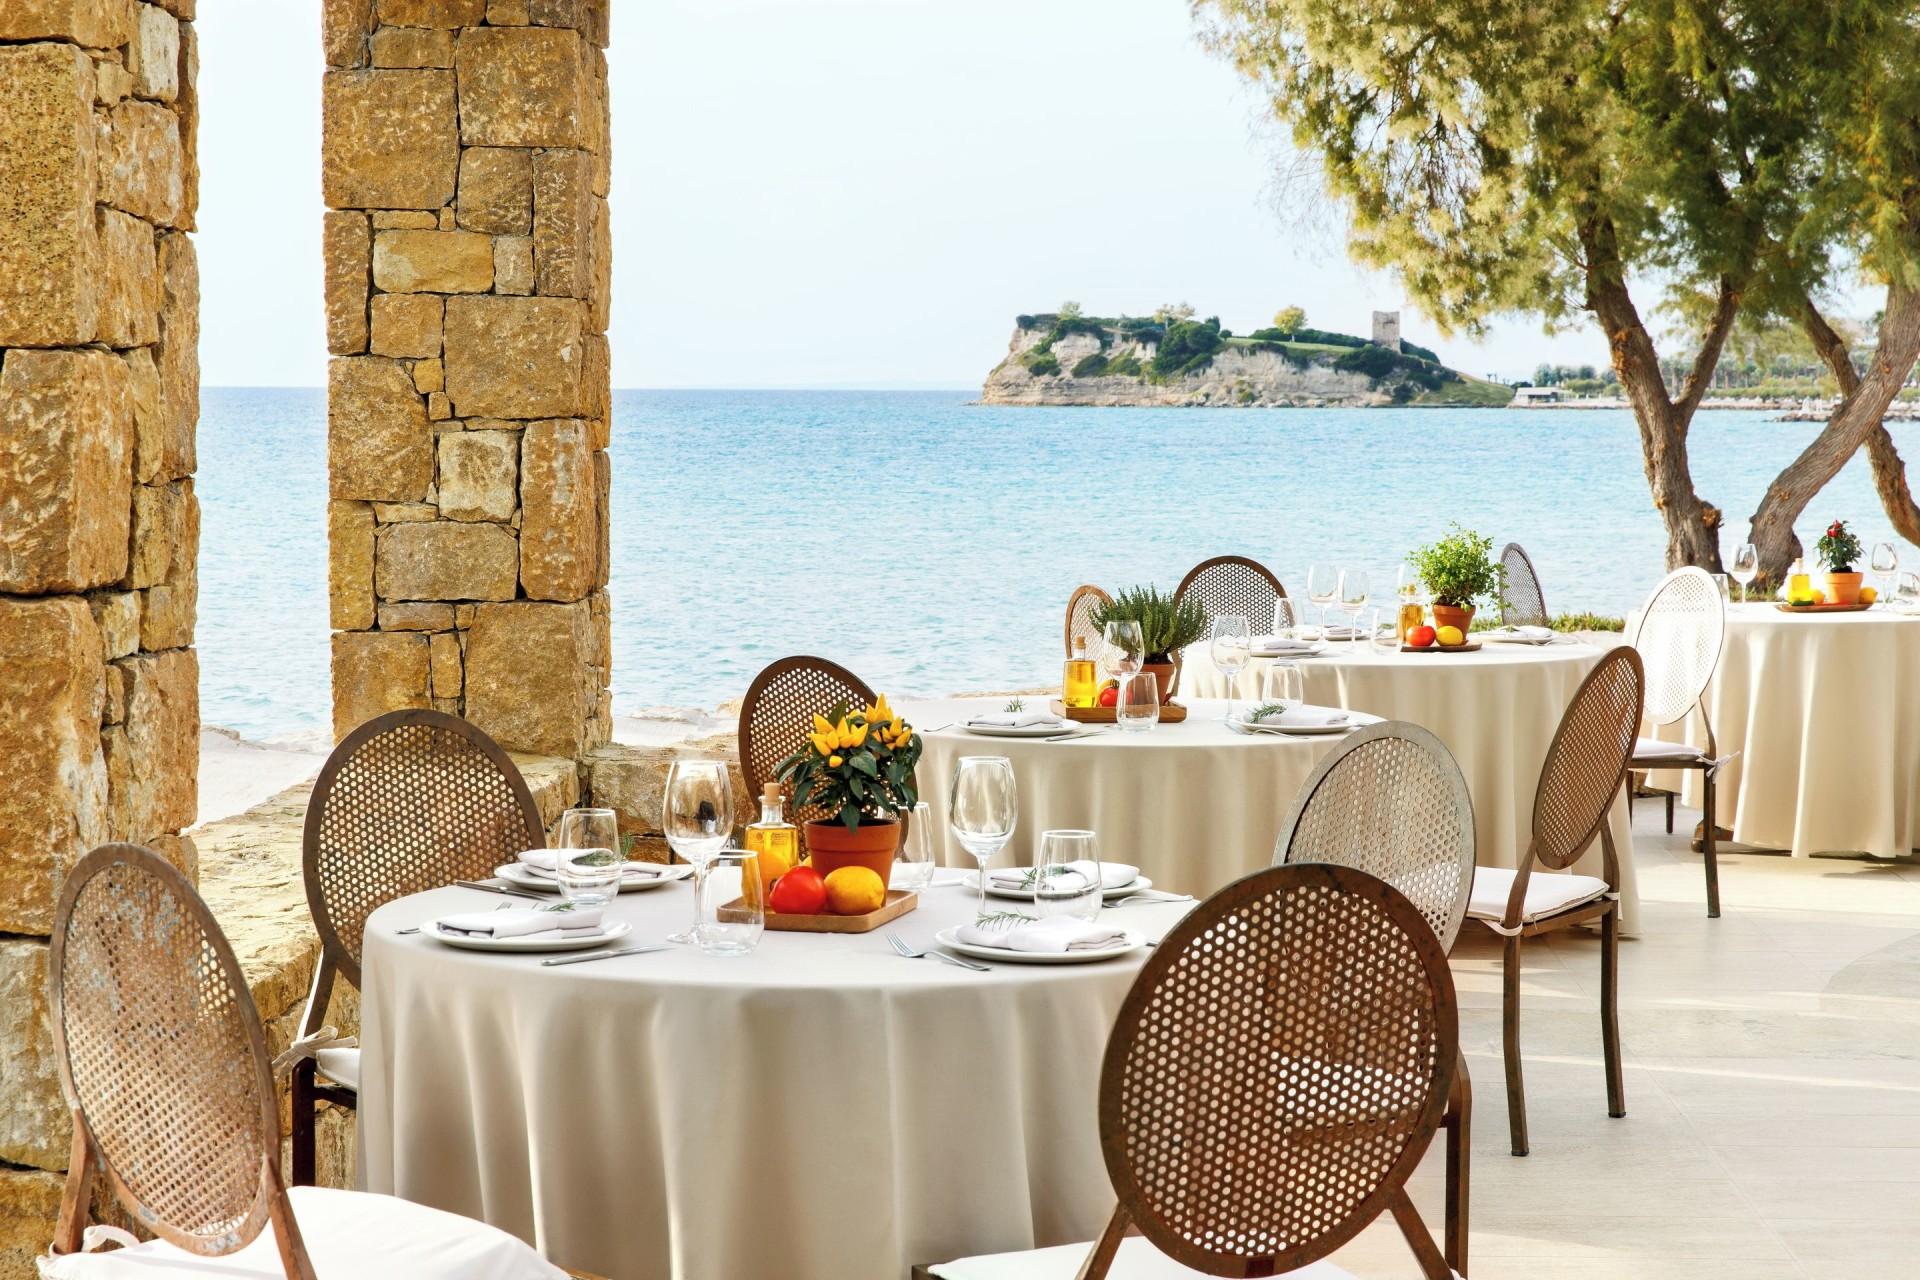 Außenansicht des Cabana Restaurants